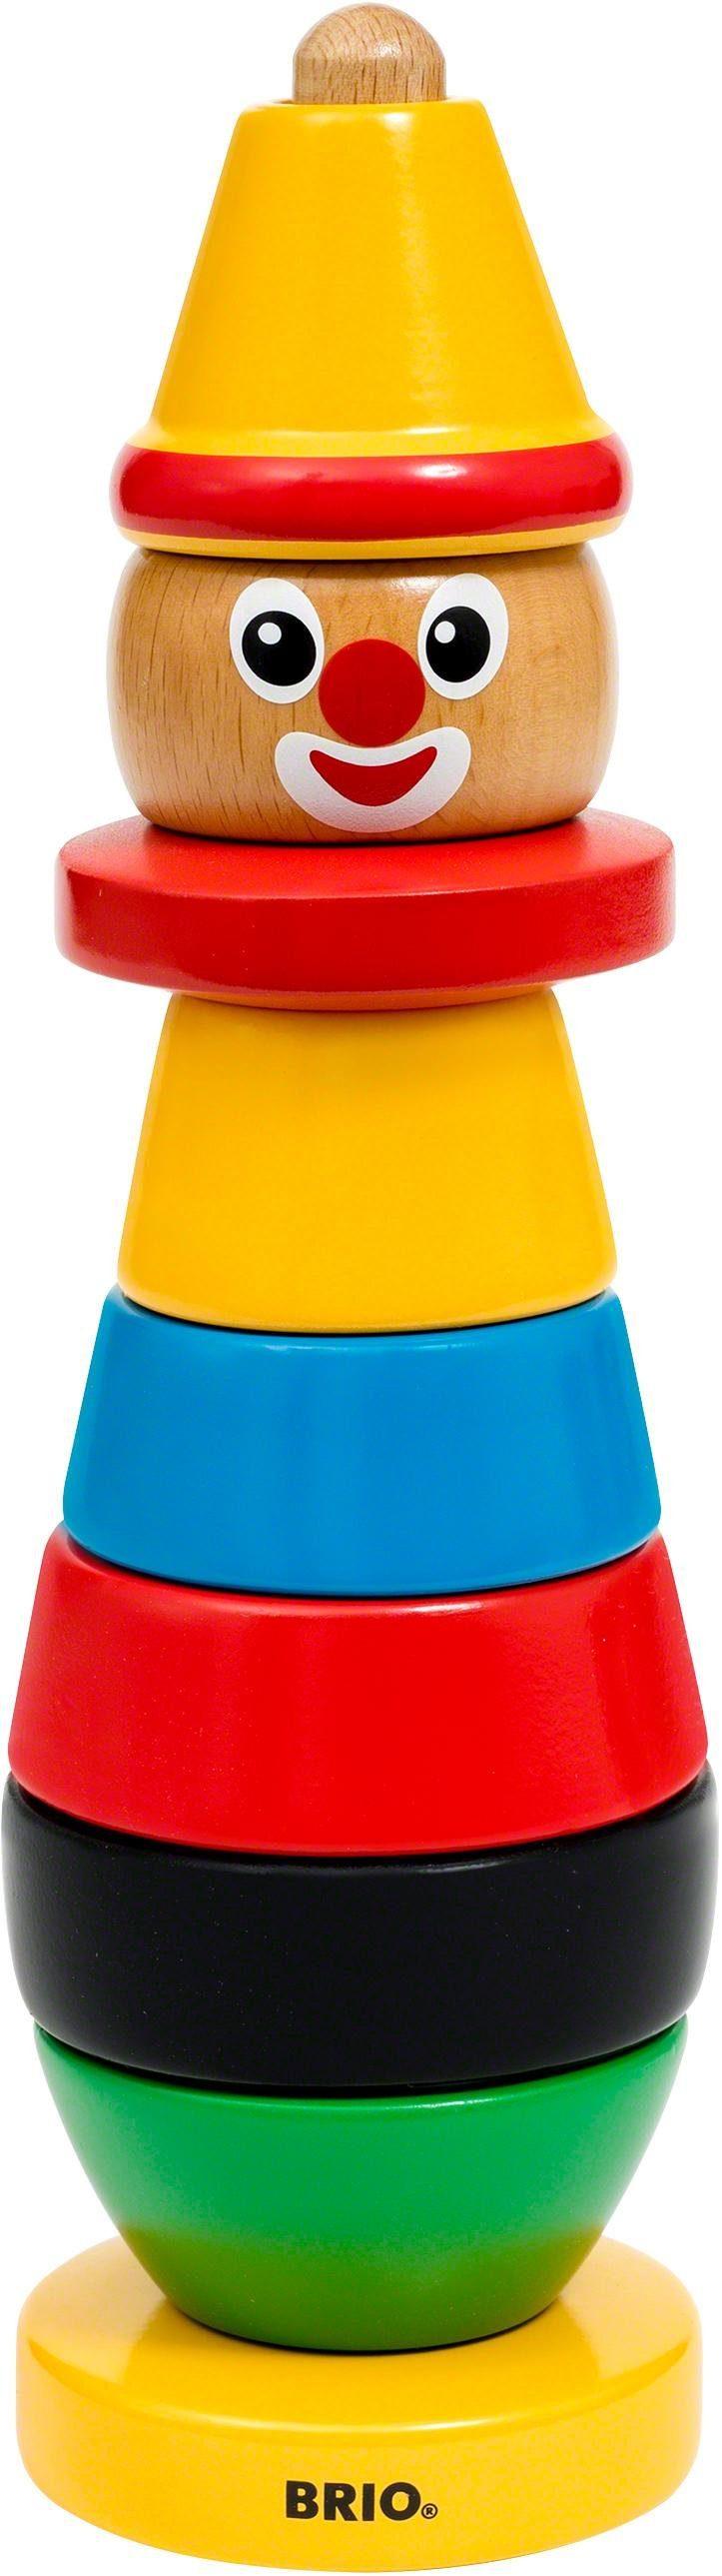 Brio® Stapelspiel aus Holz, »BRIO® Clown«